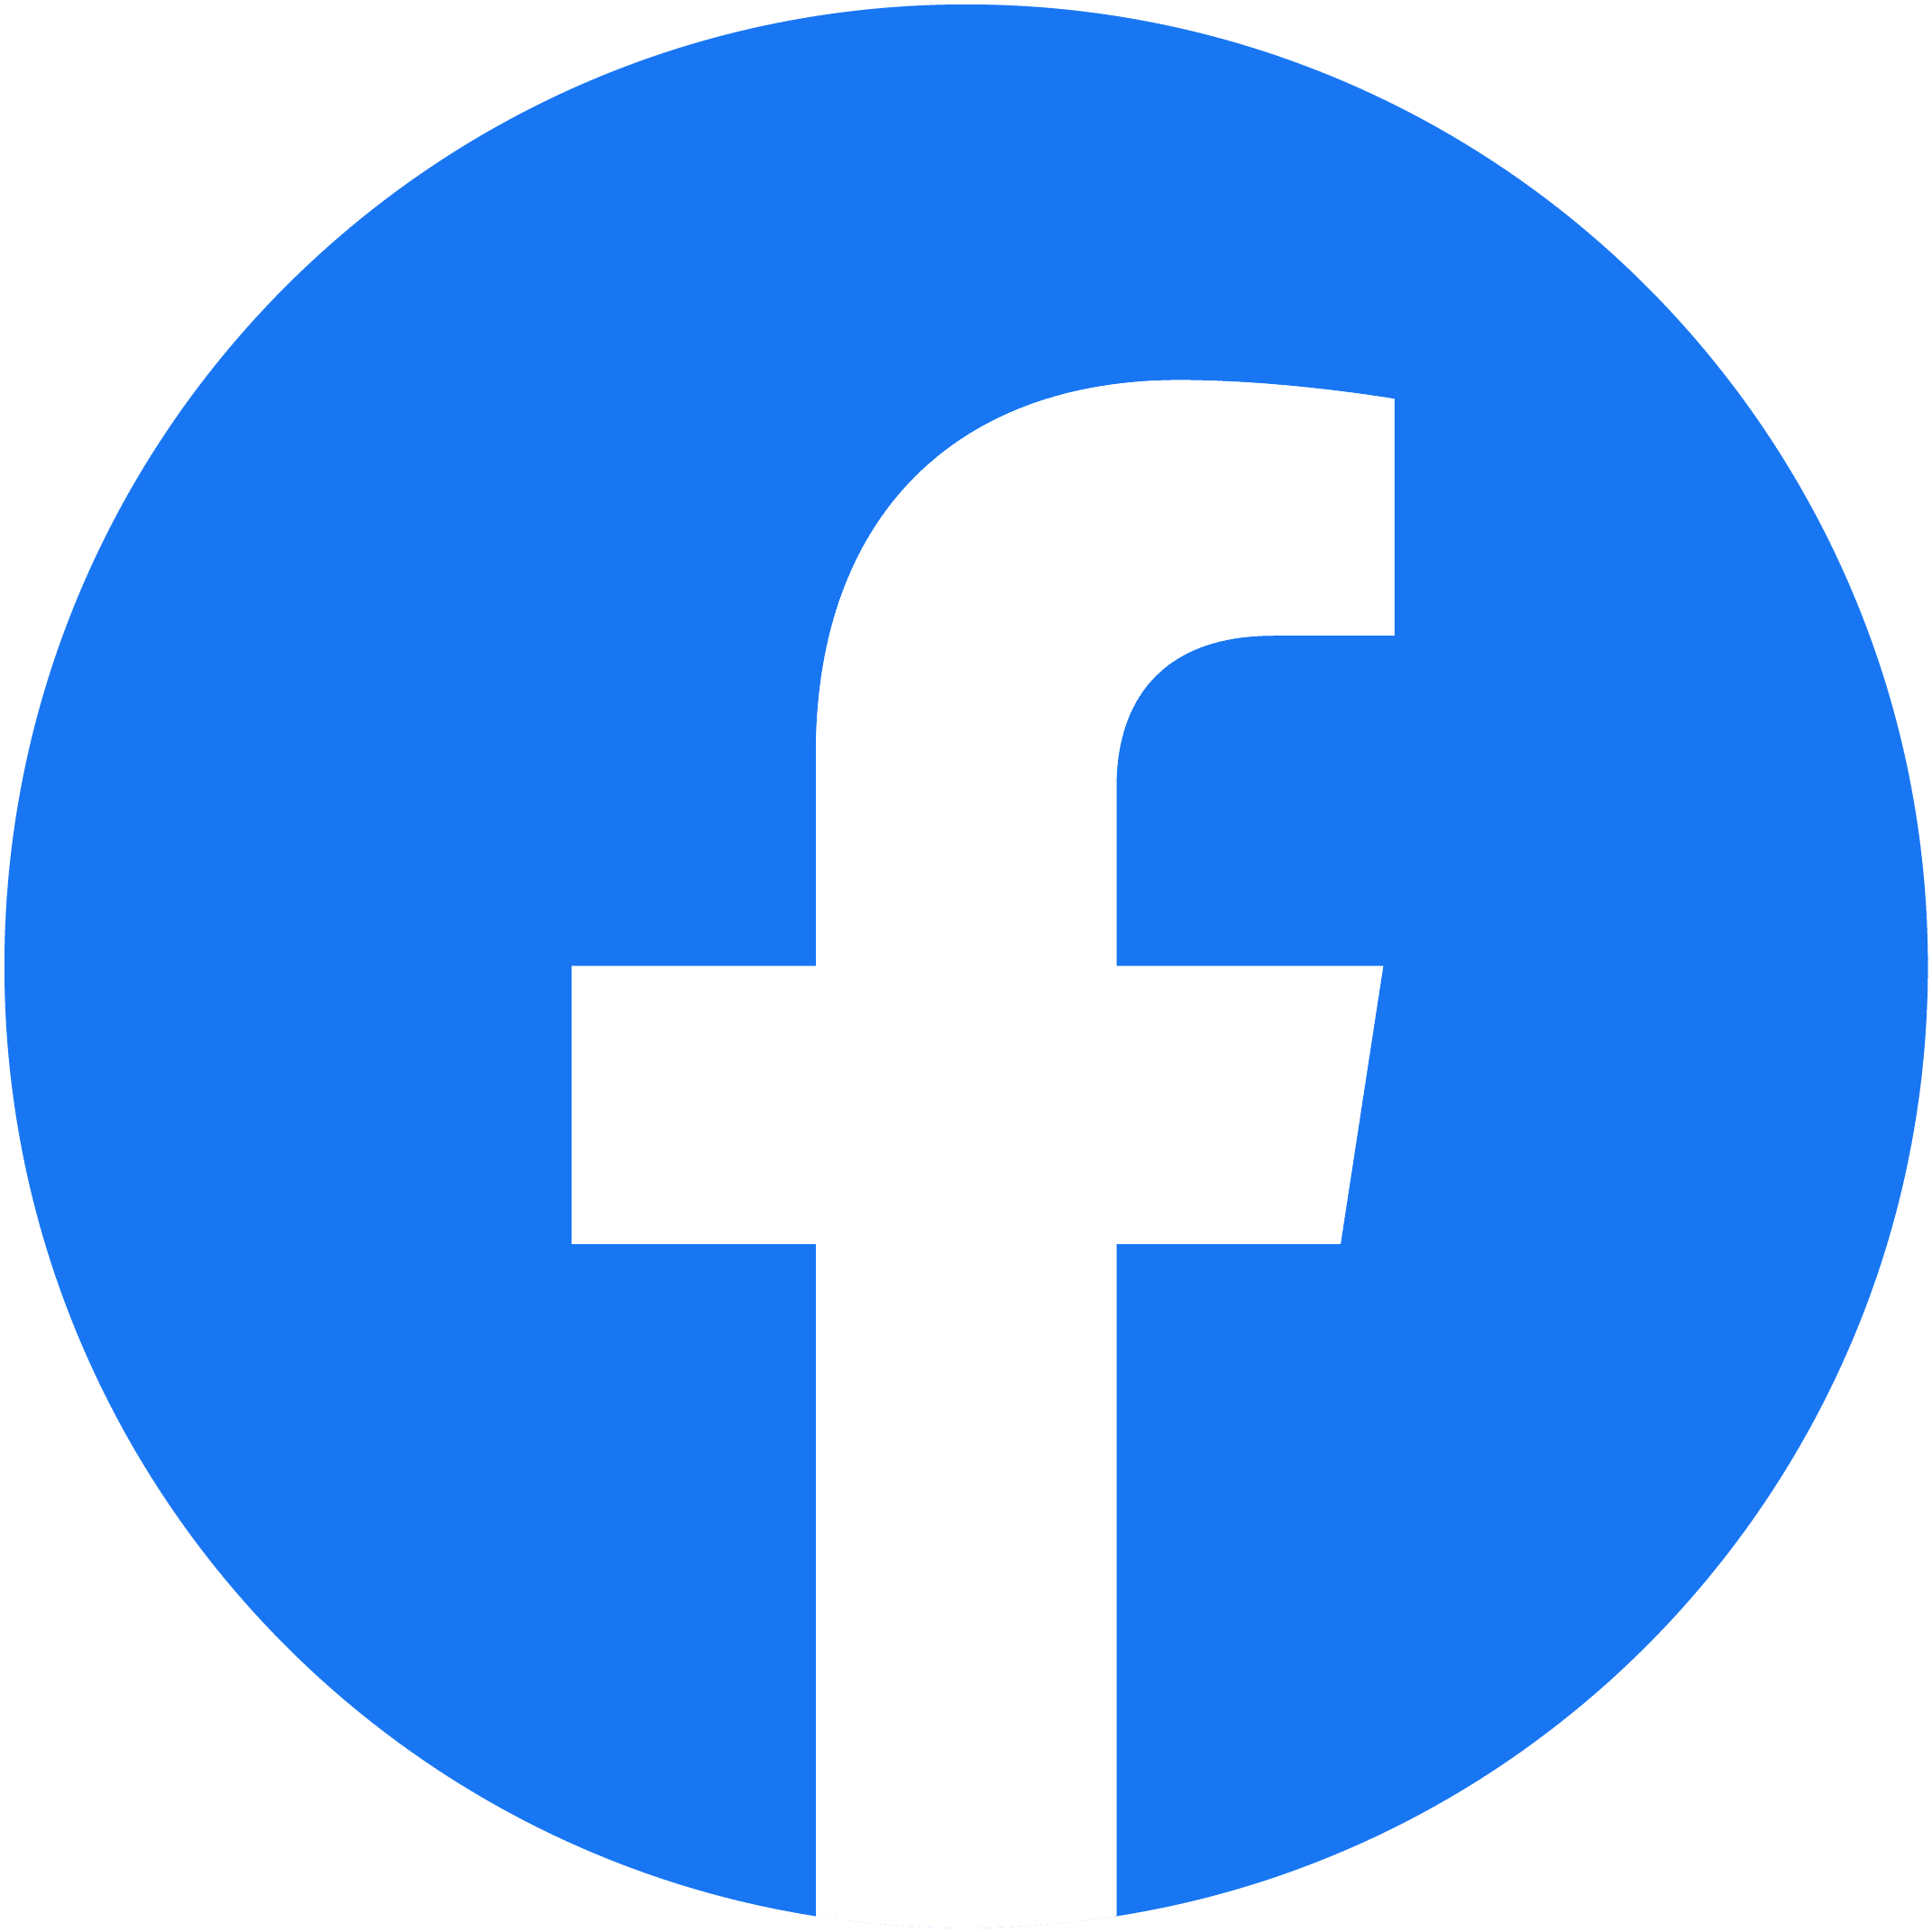 Facebook - Agência Next Step - Criação de Sites, Consultoria SEO e Hospedagem de Sites em Suzano - SP